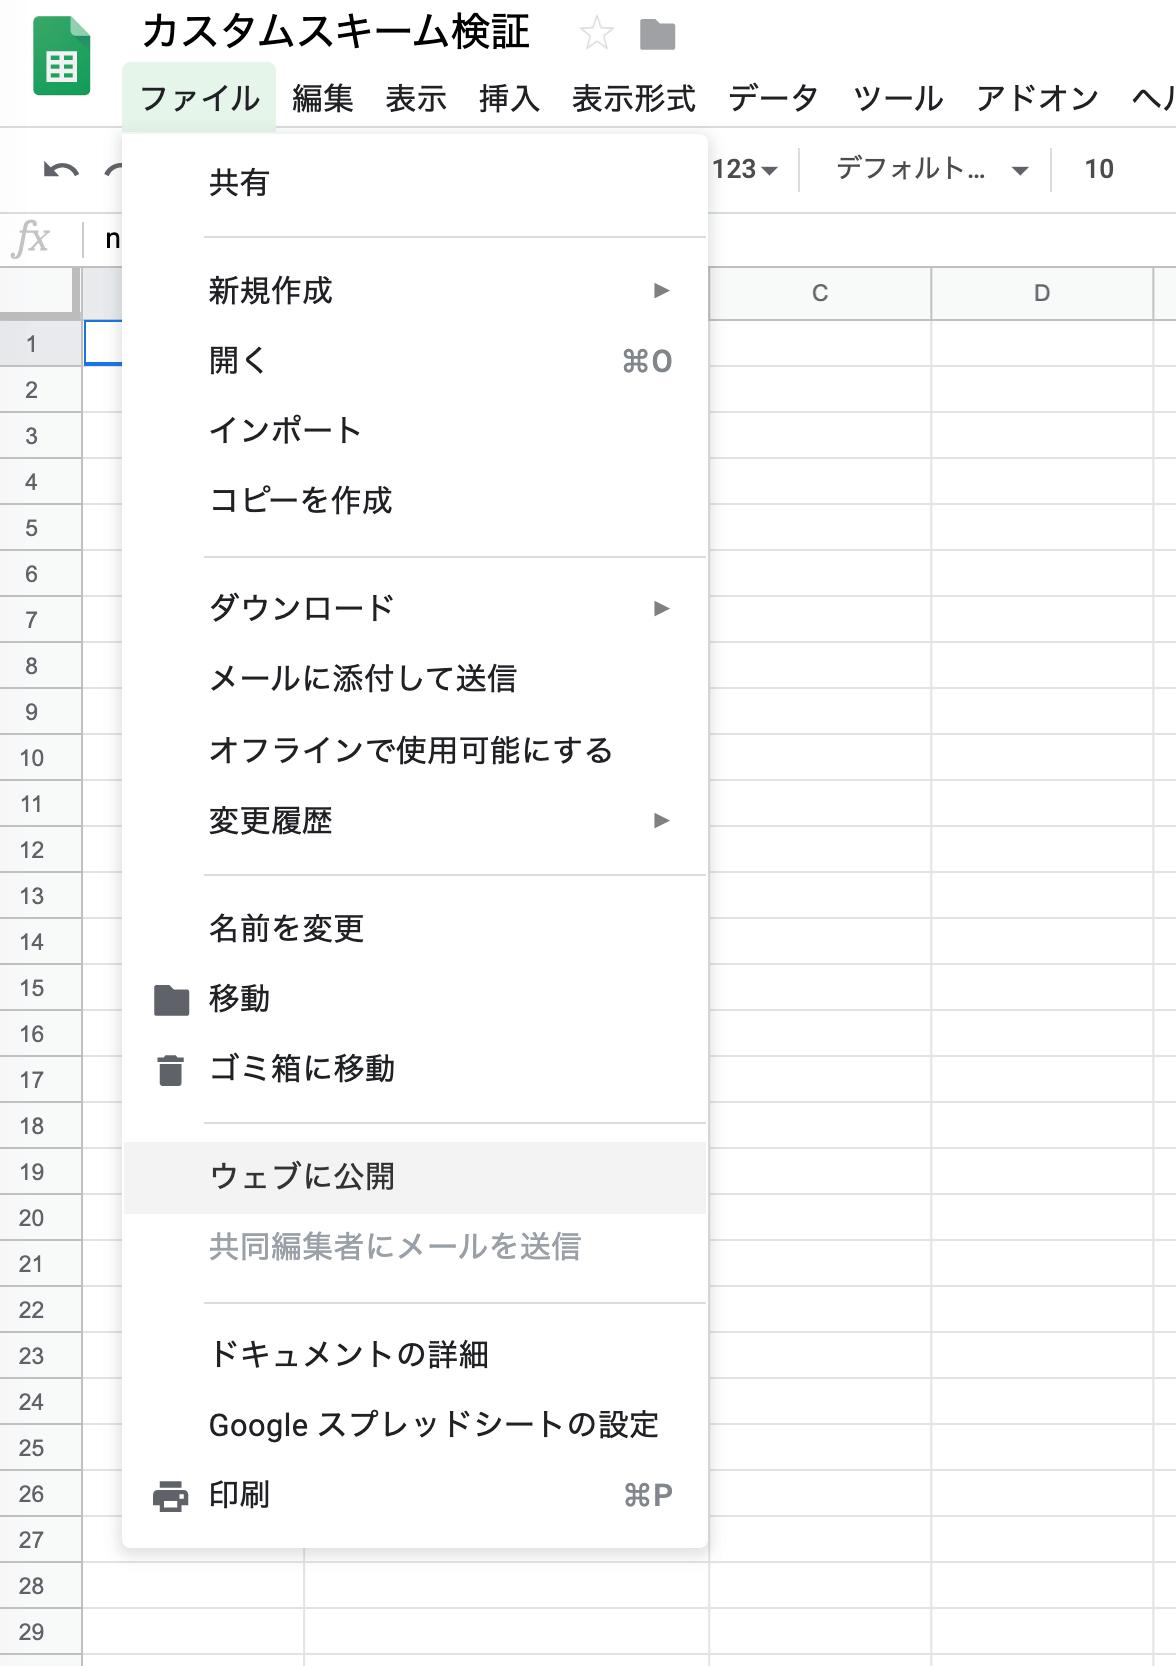 Screenshot 2020-01-08 at 12.15.17.png